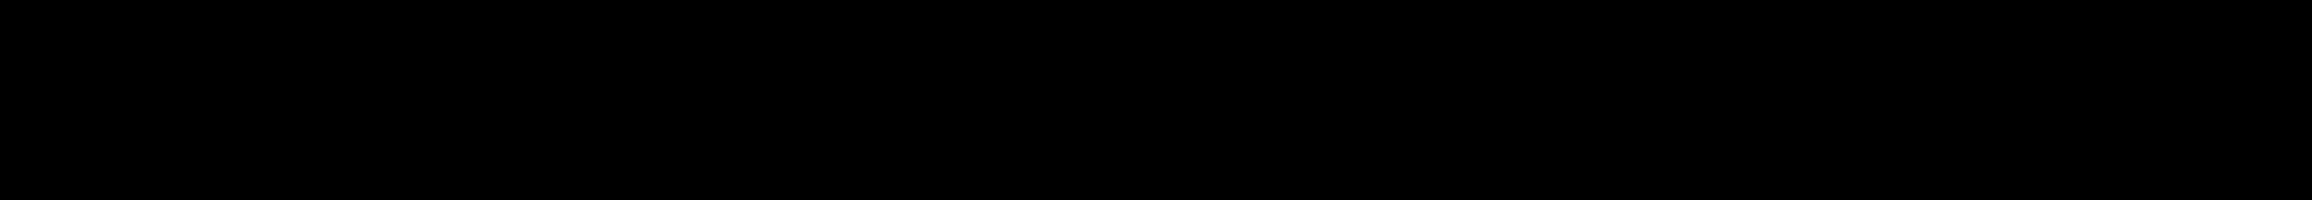 Margaret River Holiday Cottages logo